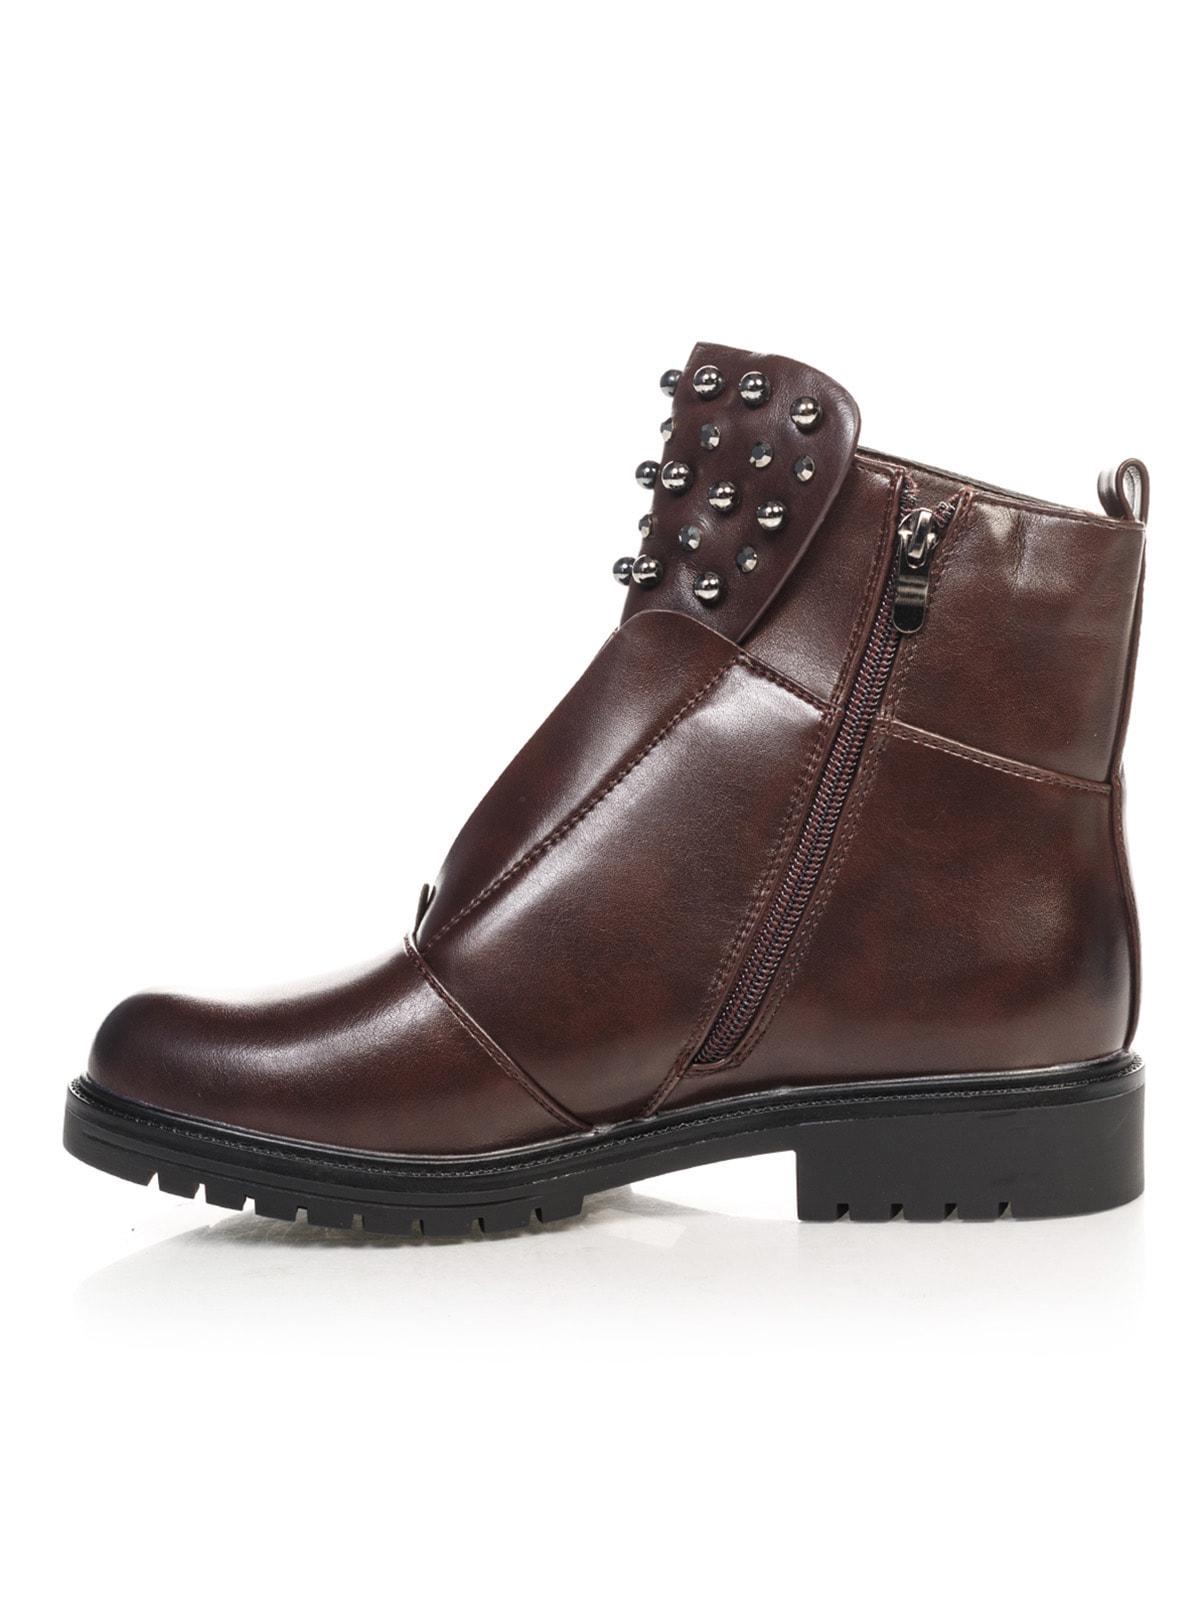 Ботинки коричневые | 4688257 | фото 2